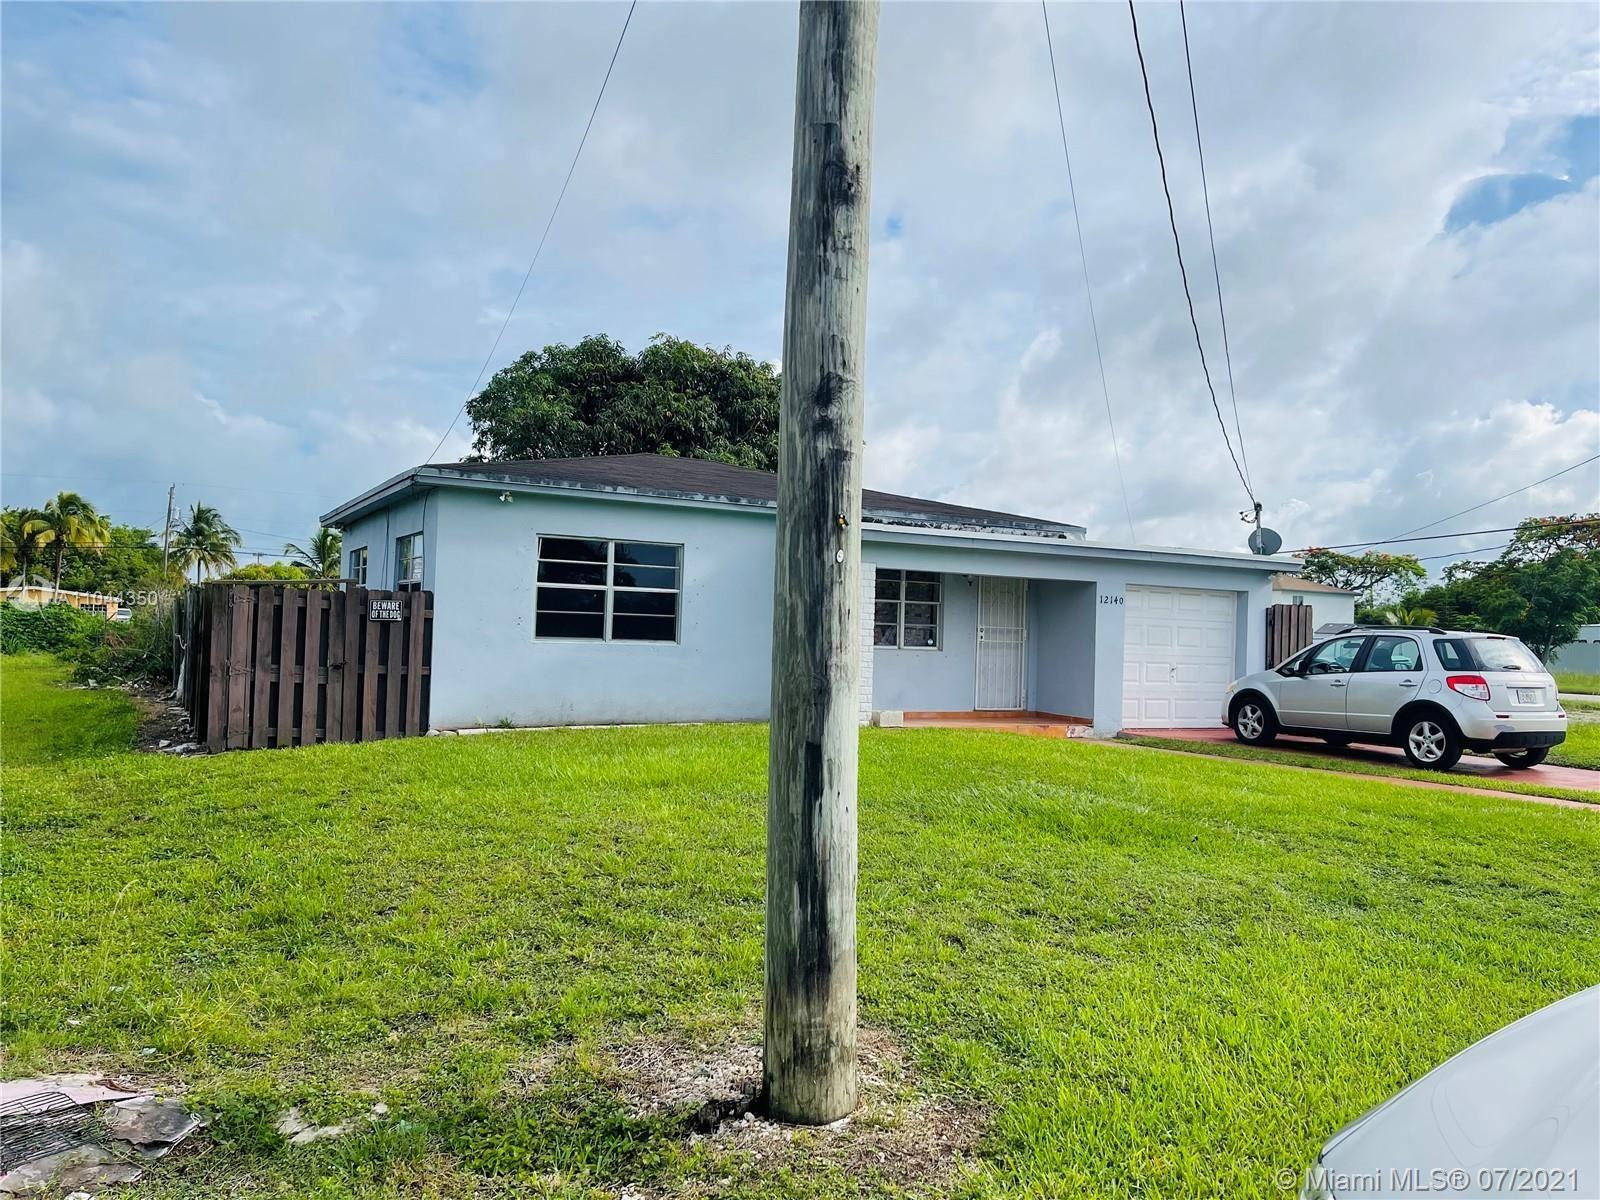 12140 SW 218th St, Miami, FL 33170 - #: A11044350